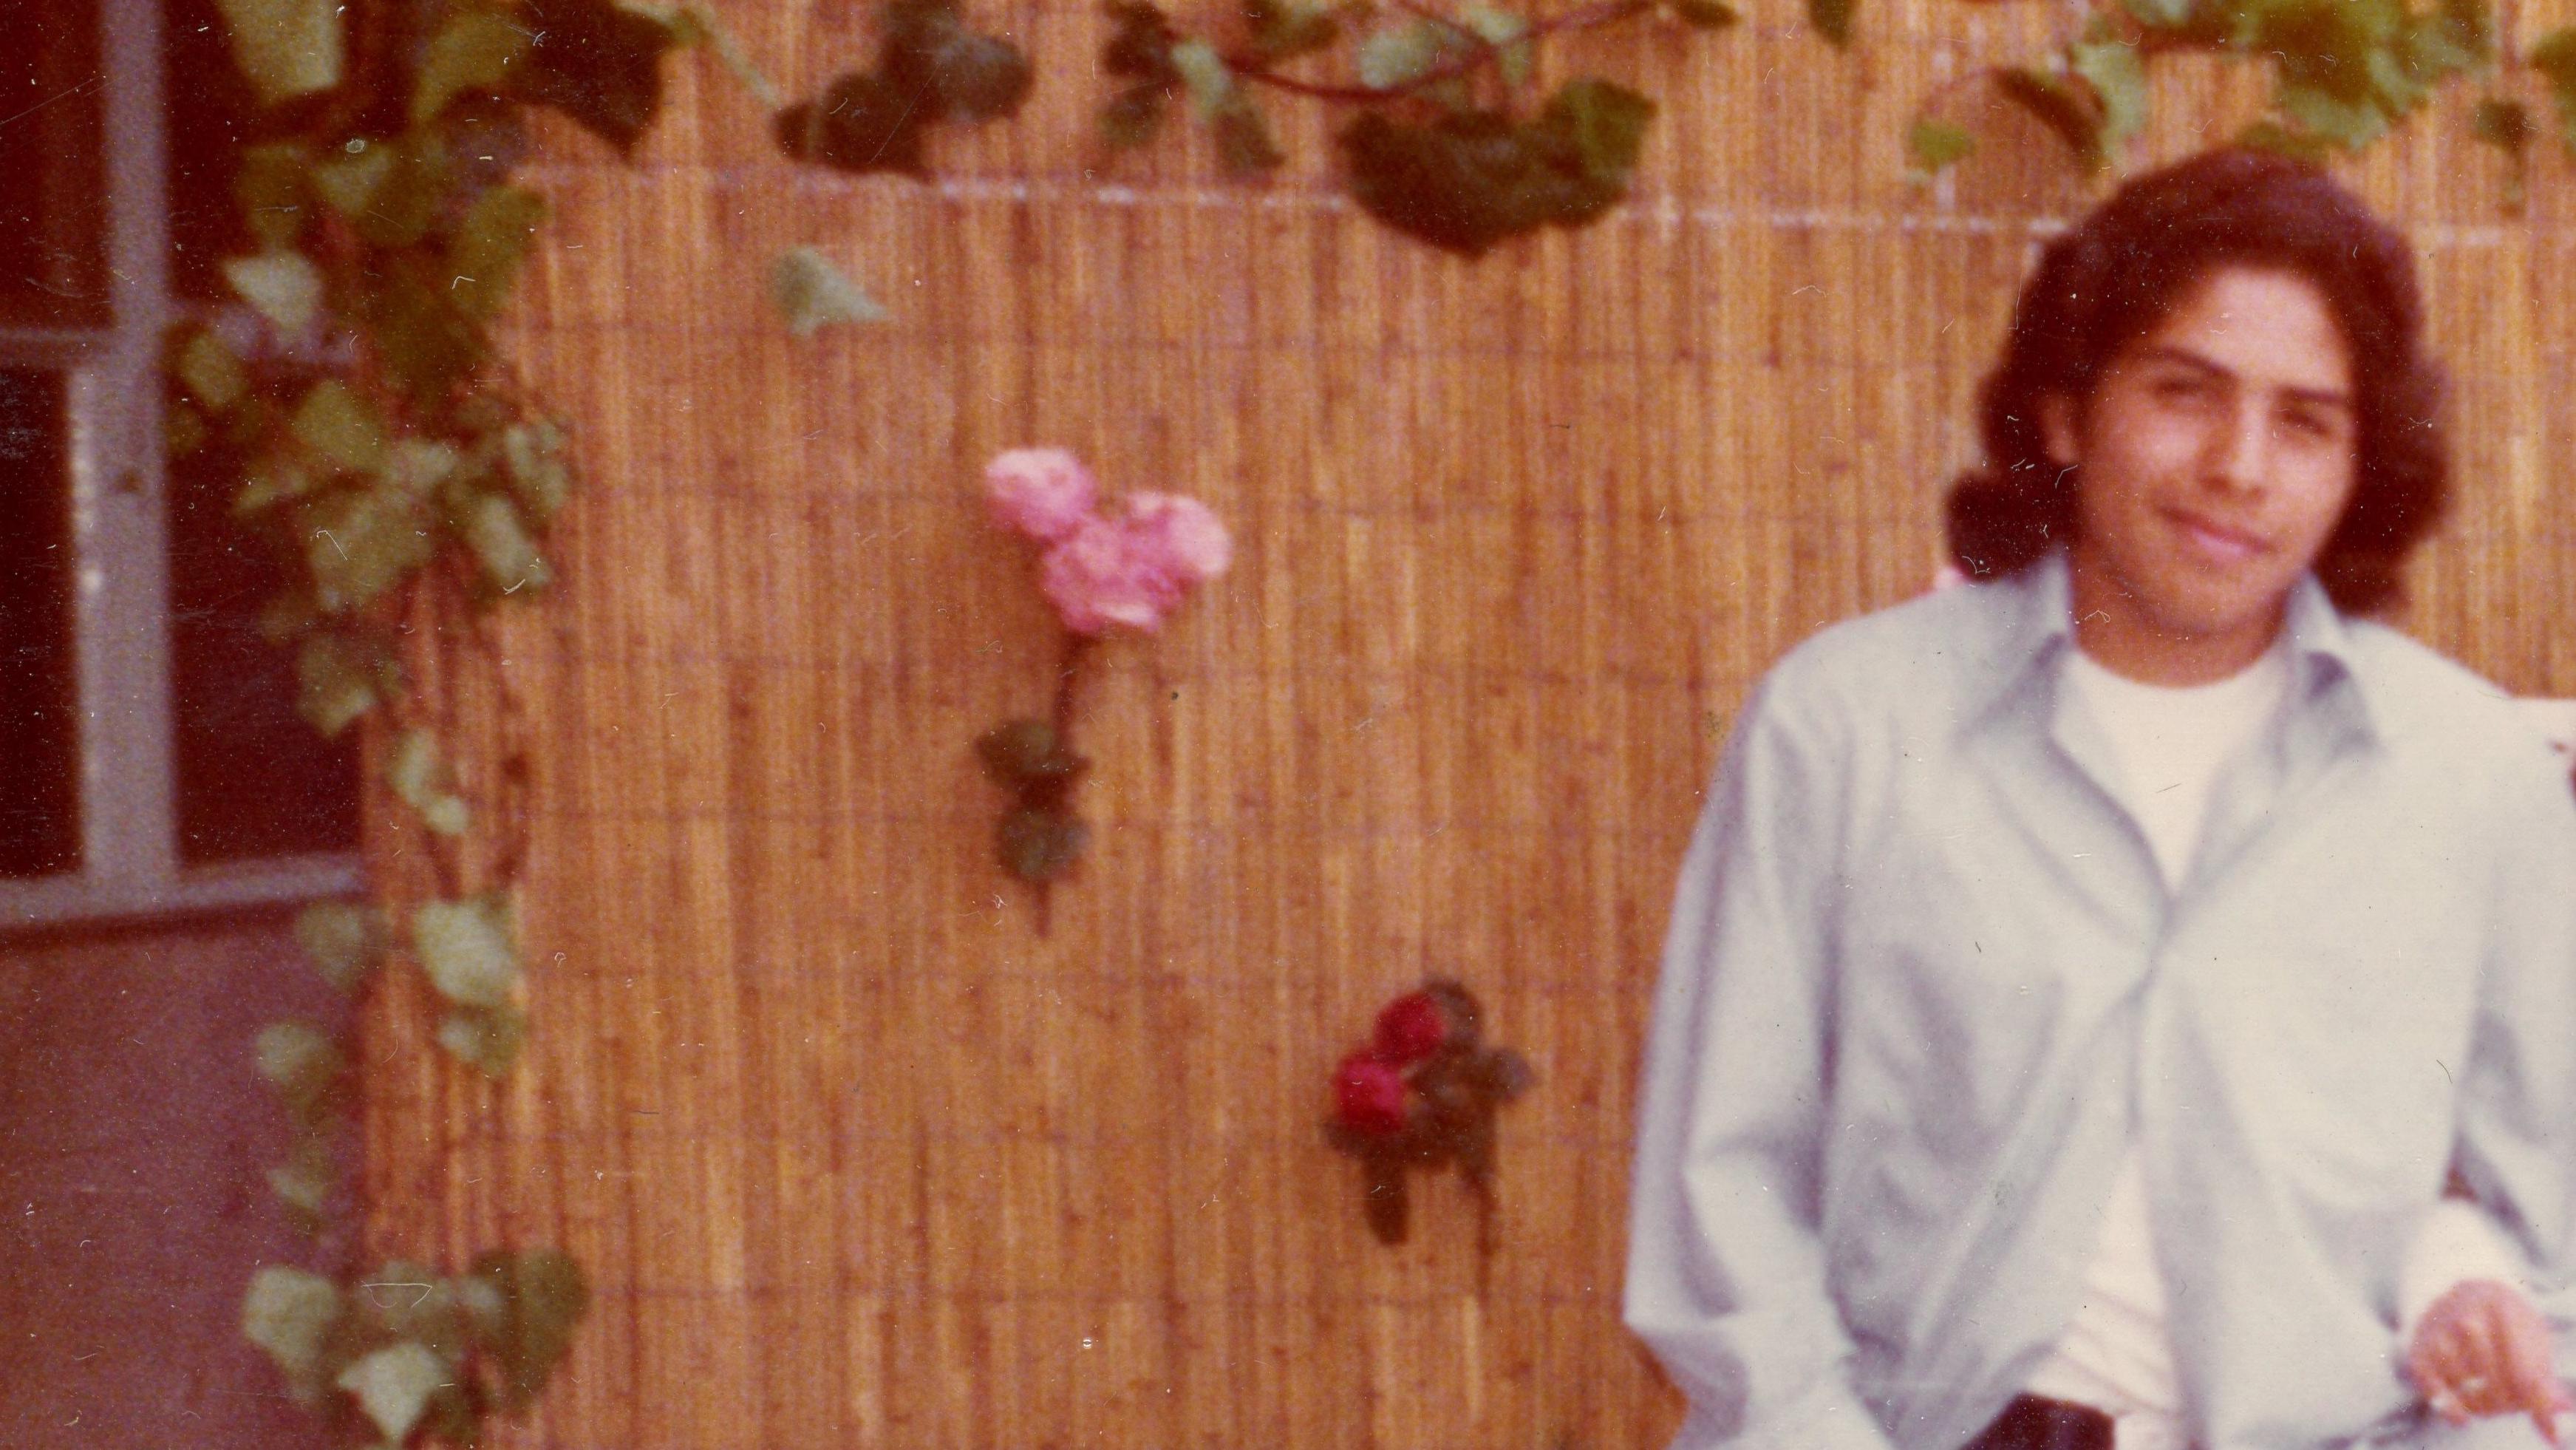 Santa Barbara Detectives Reopen 1975 Cold Case Killing of 16-Year-Old